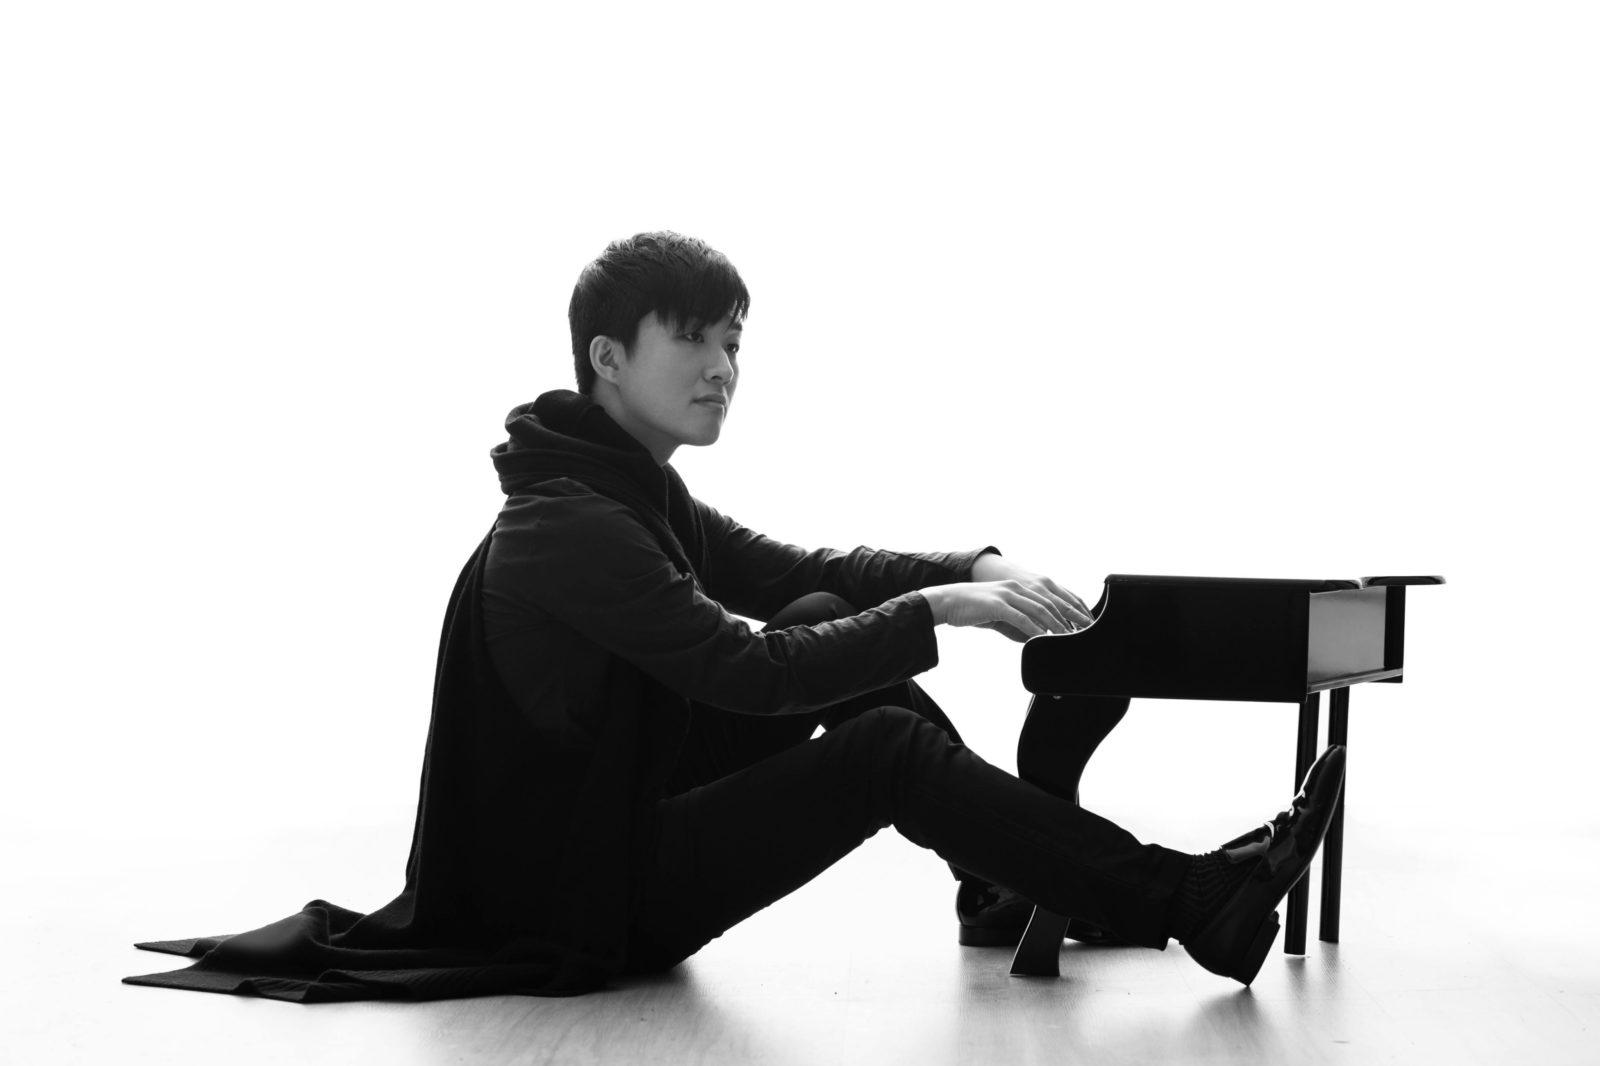 モントリオール在住日本人ピアニスト・八坂公洋、クラウドファンディングで新プロジェクト!サムネイル画像